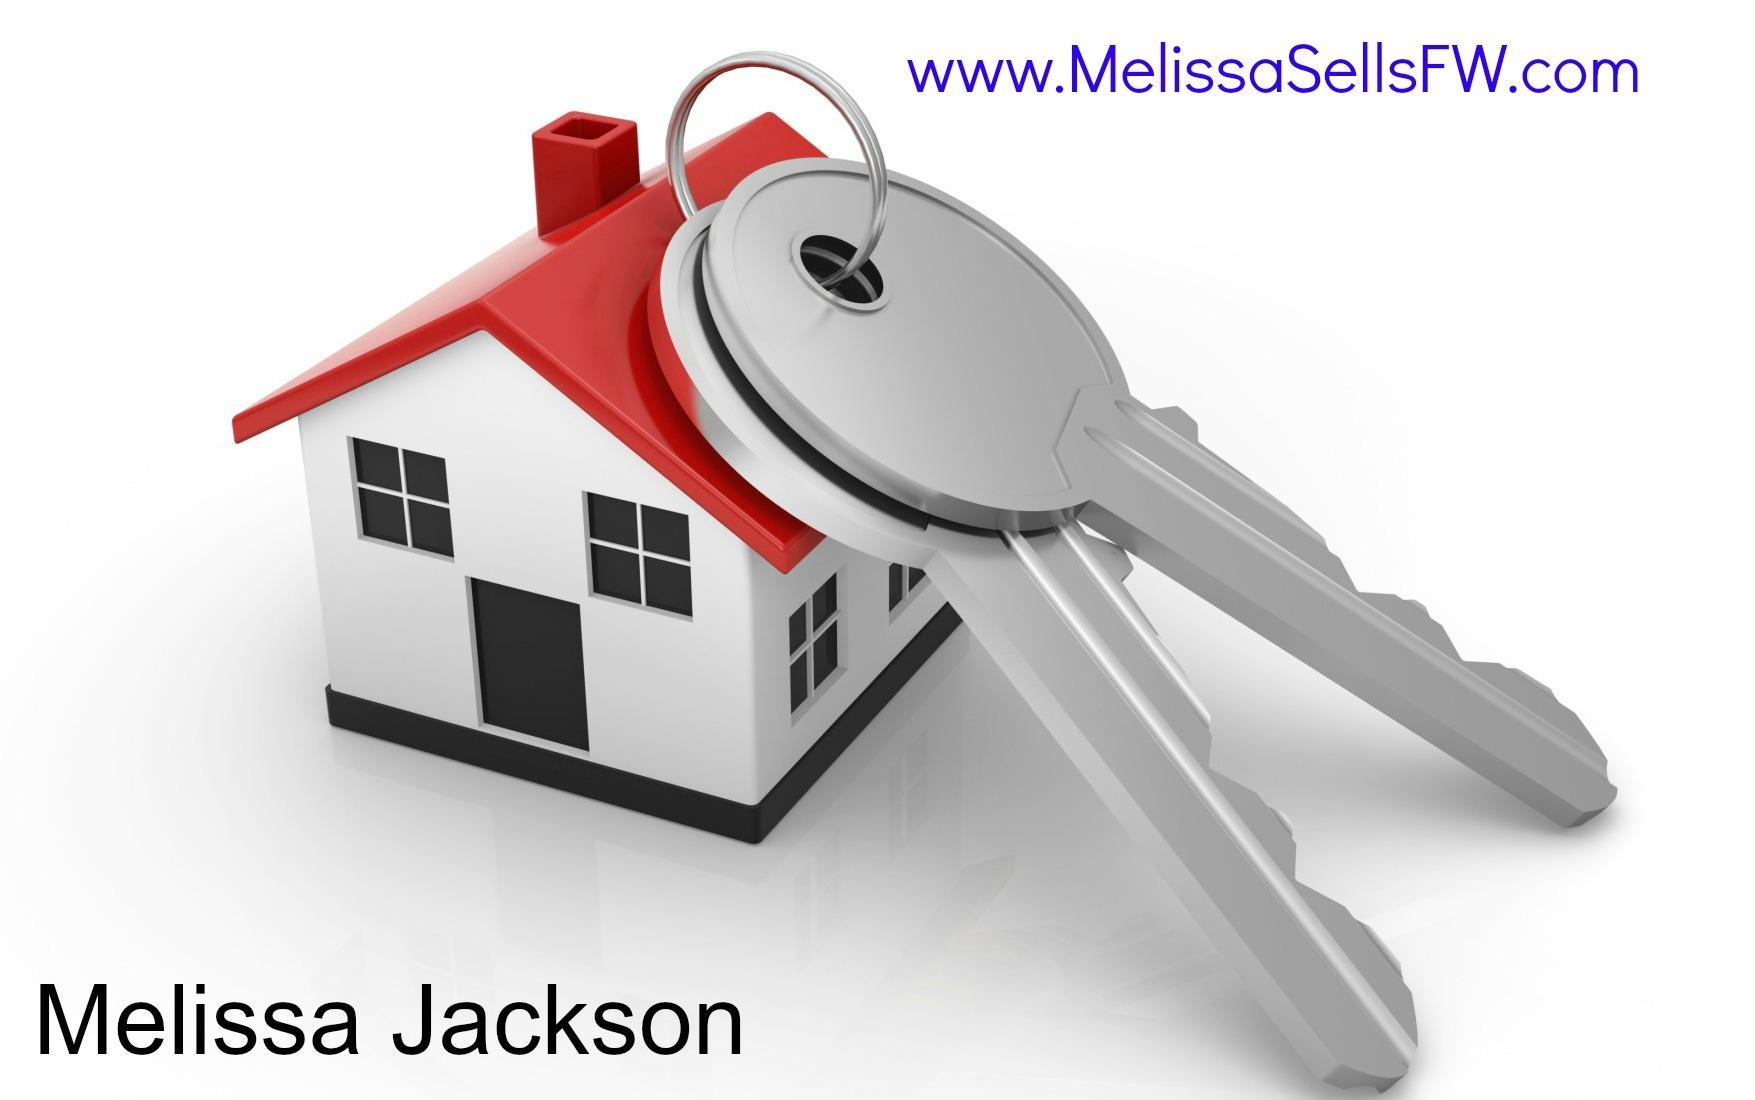 melissa jackson realtor amd keys